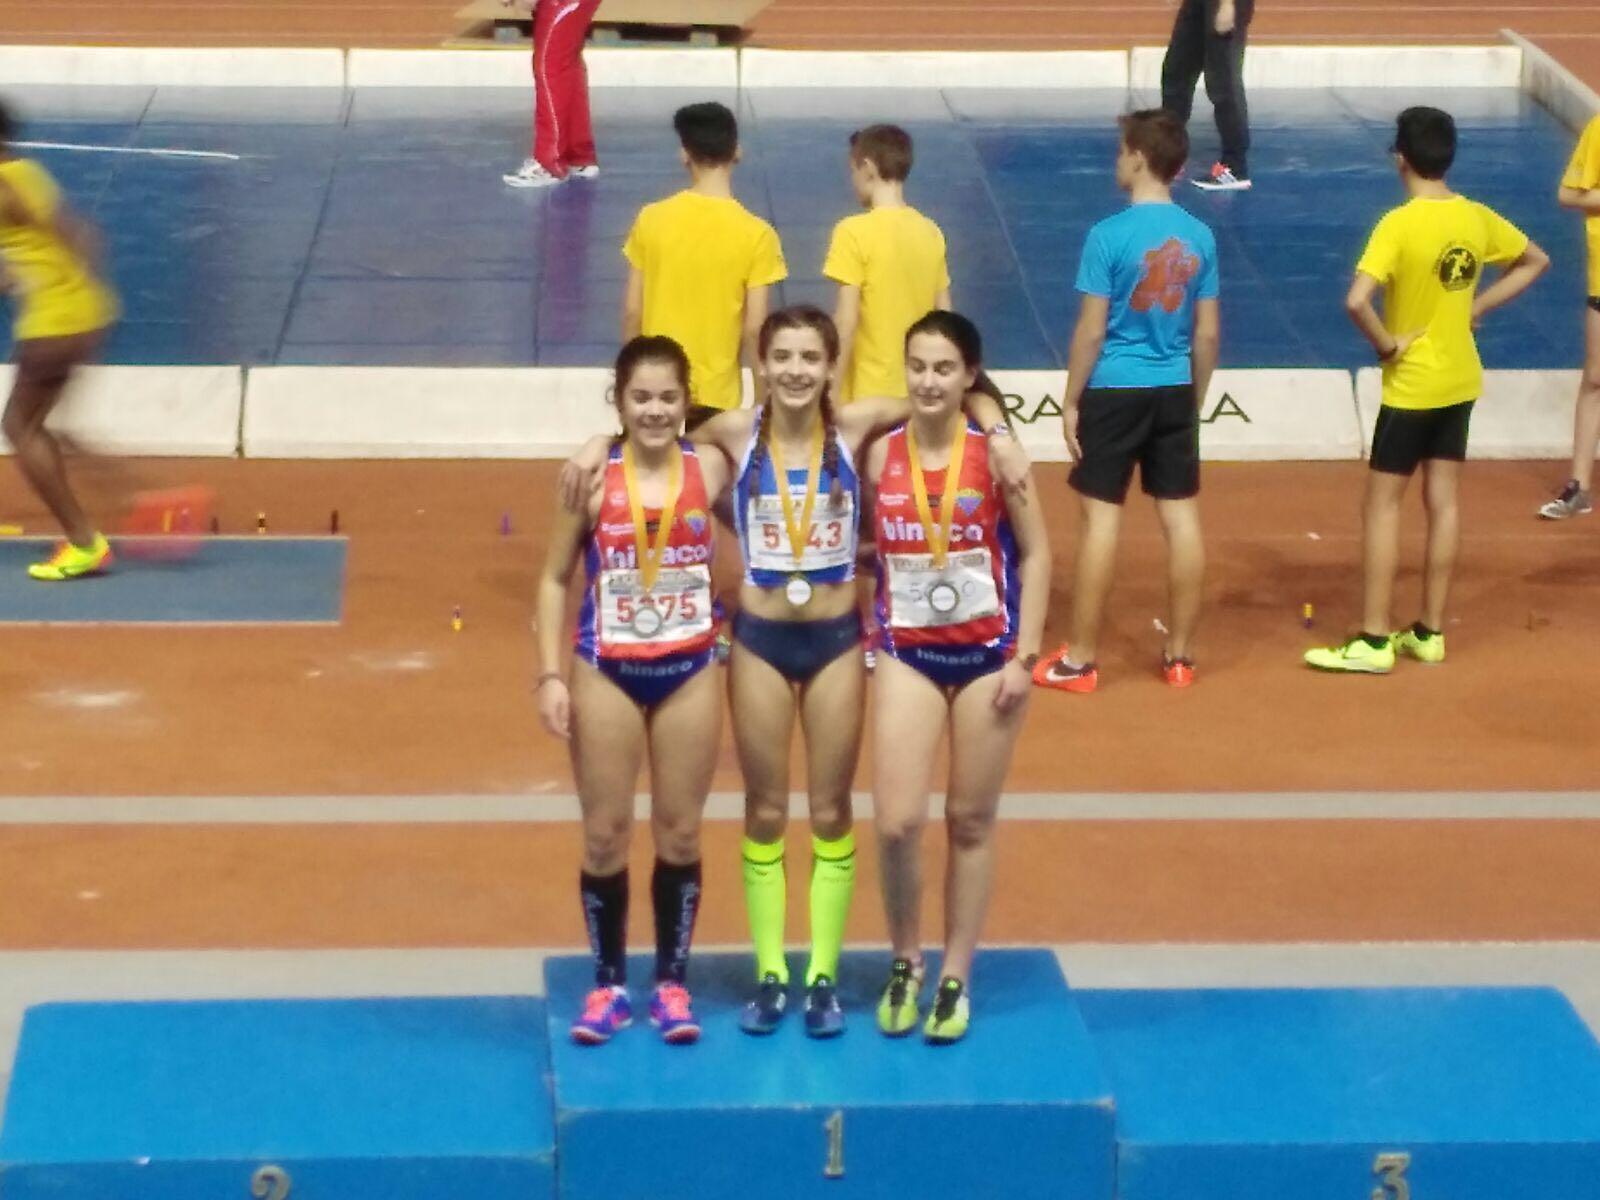 la mafia con el deporte mireia arnedillo - Mireya Arnedillo consigue bronce en el FOJE de Baku